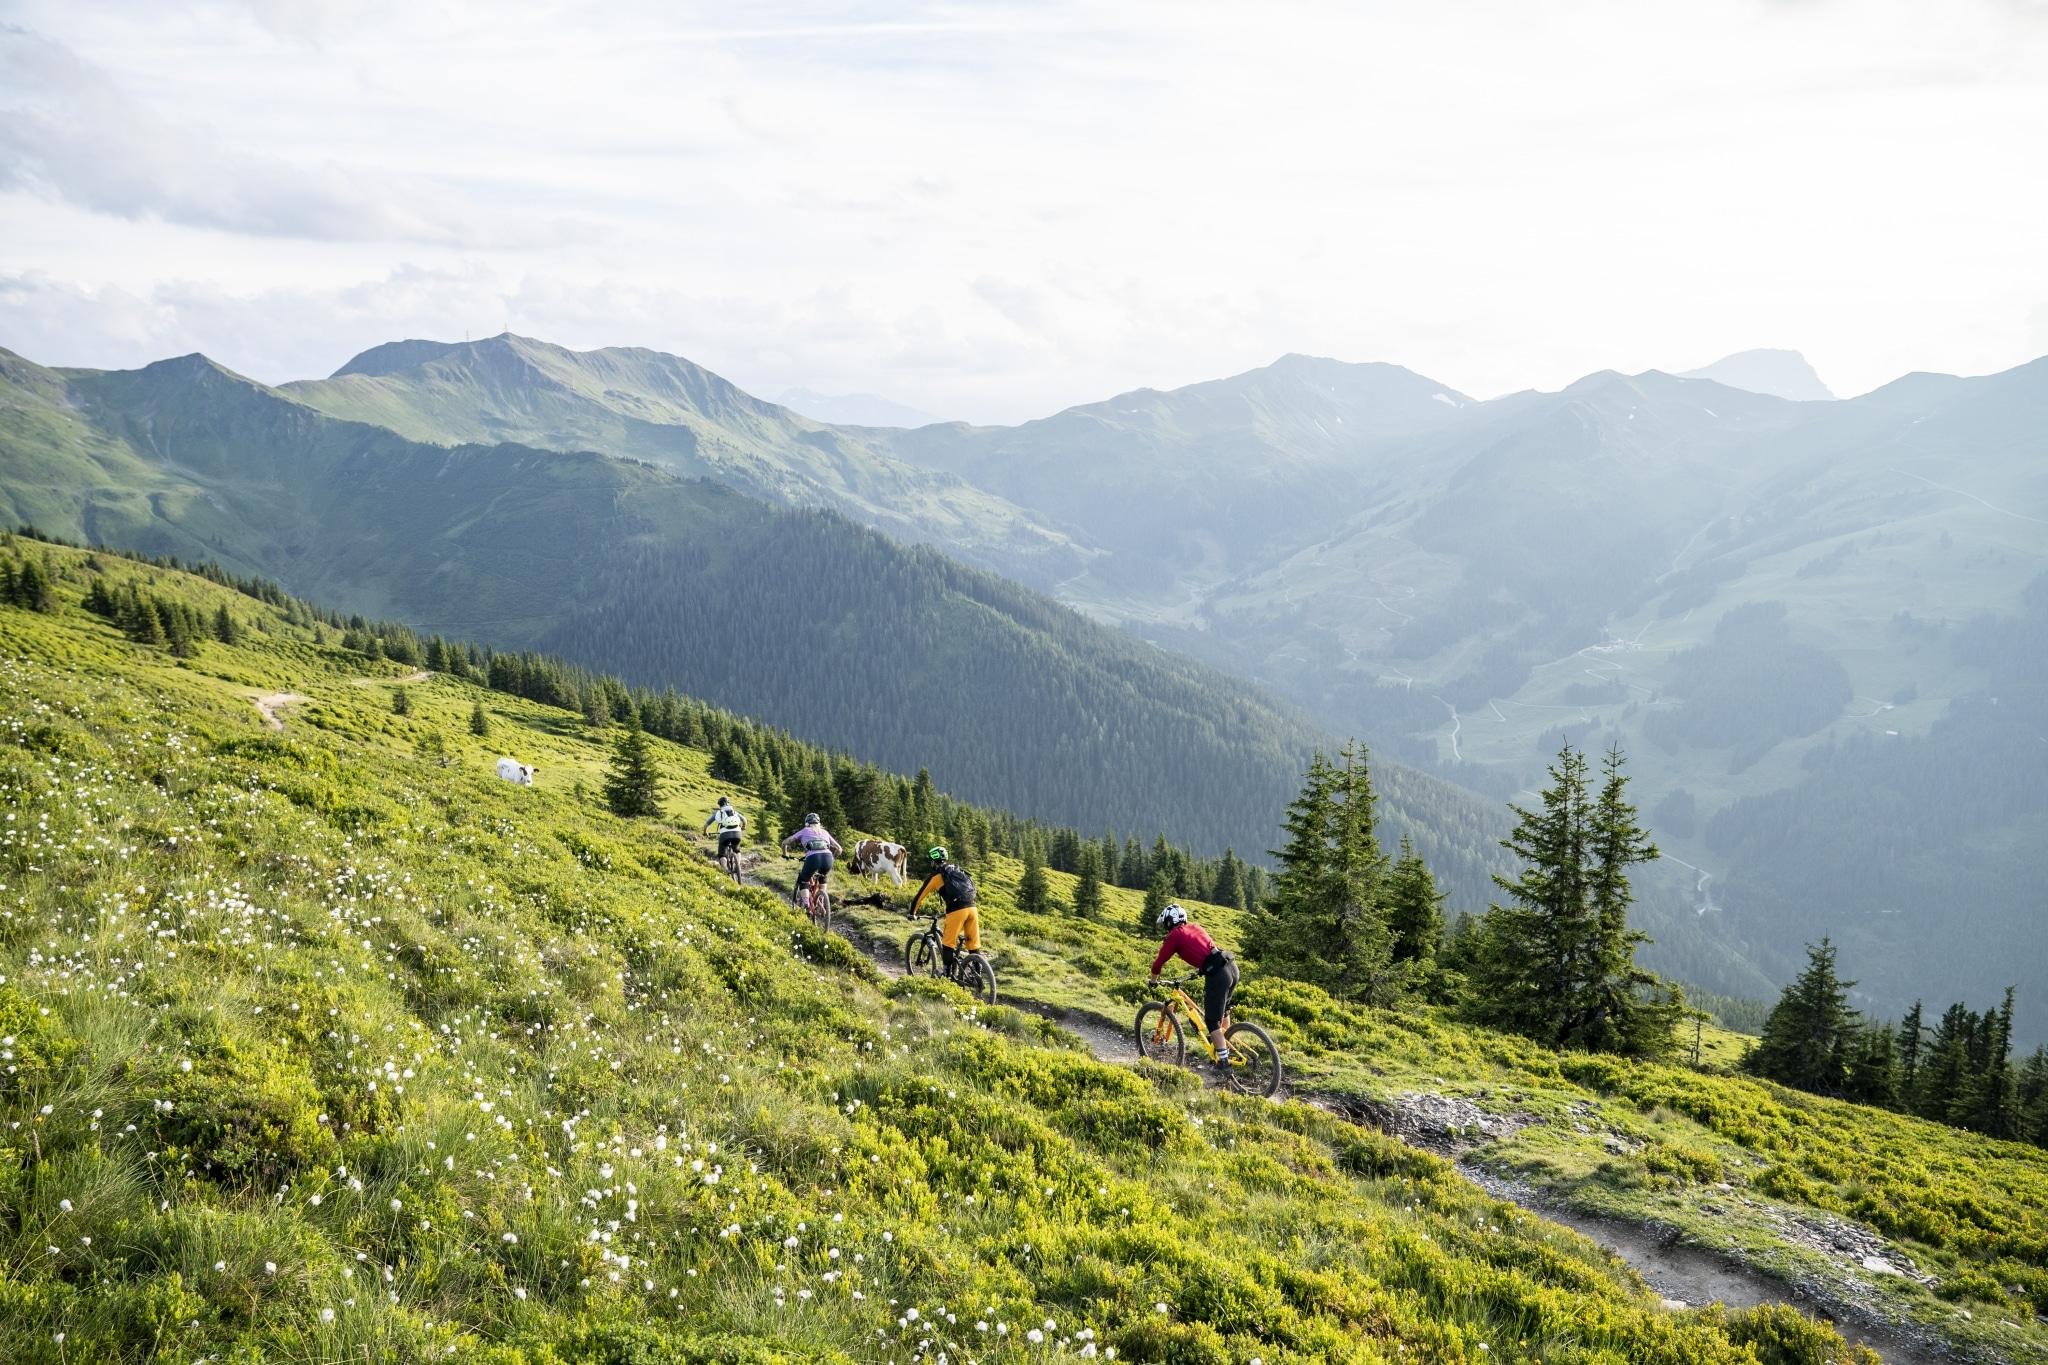 Vier Mountainbiker fahren über einen Trail mitten durch die saftig grünen Almwiesen